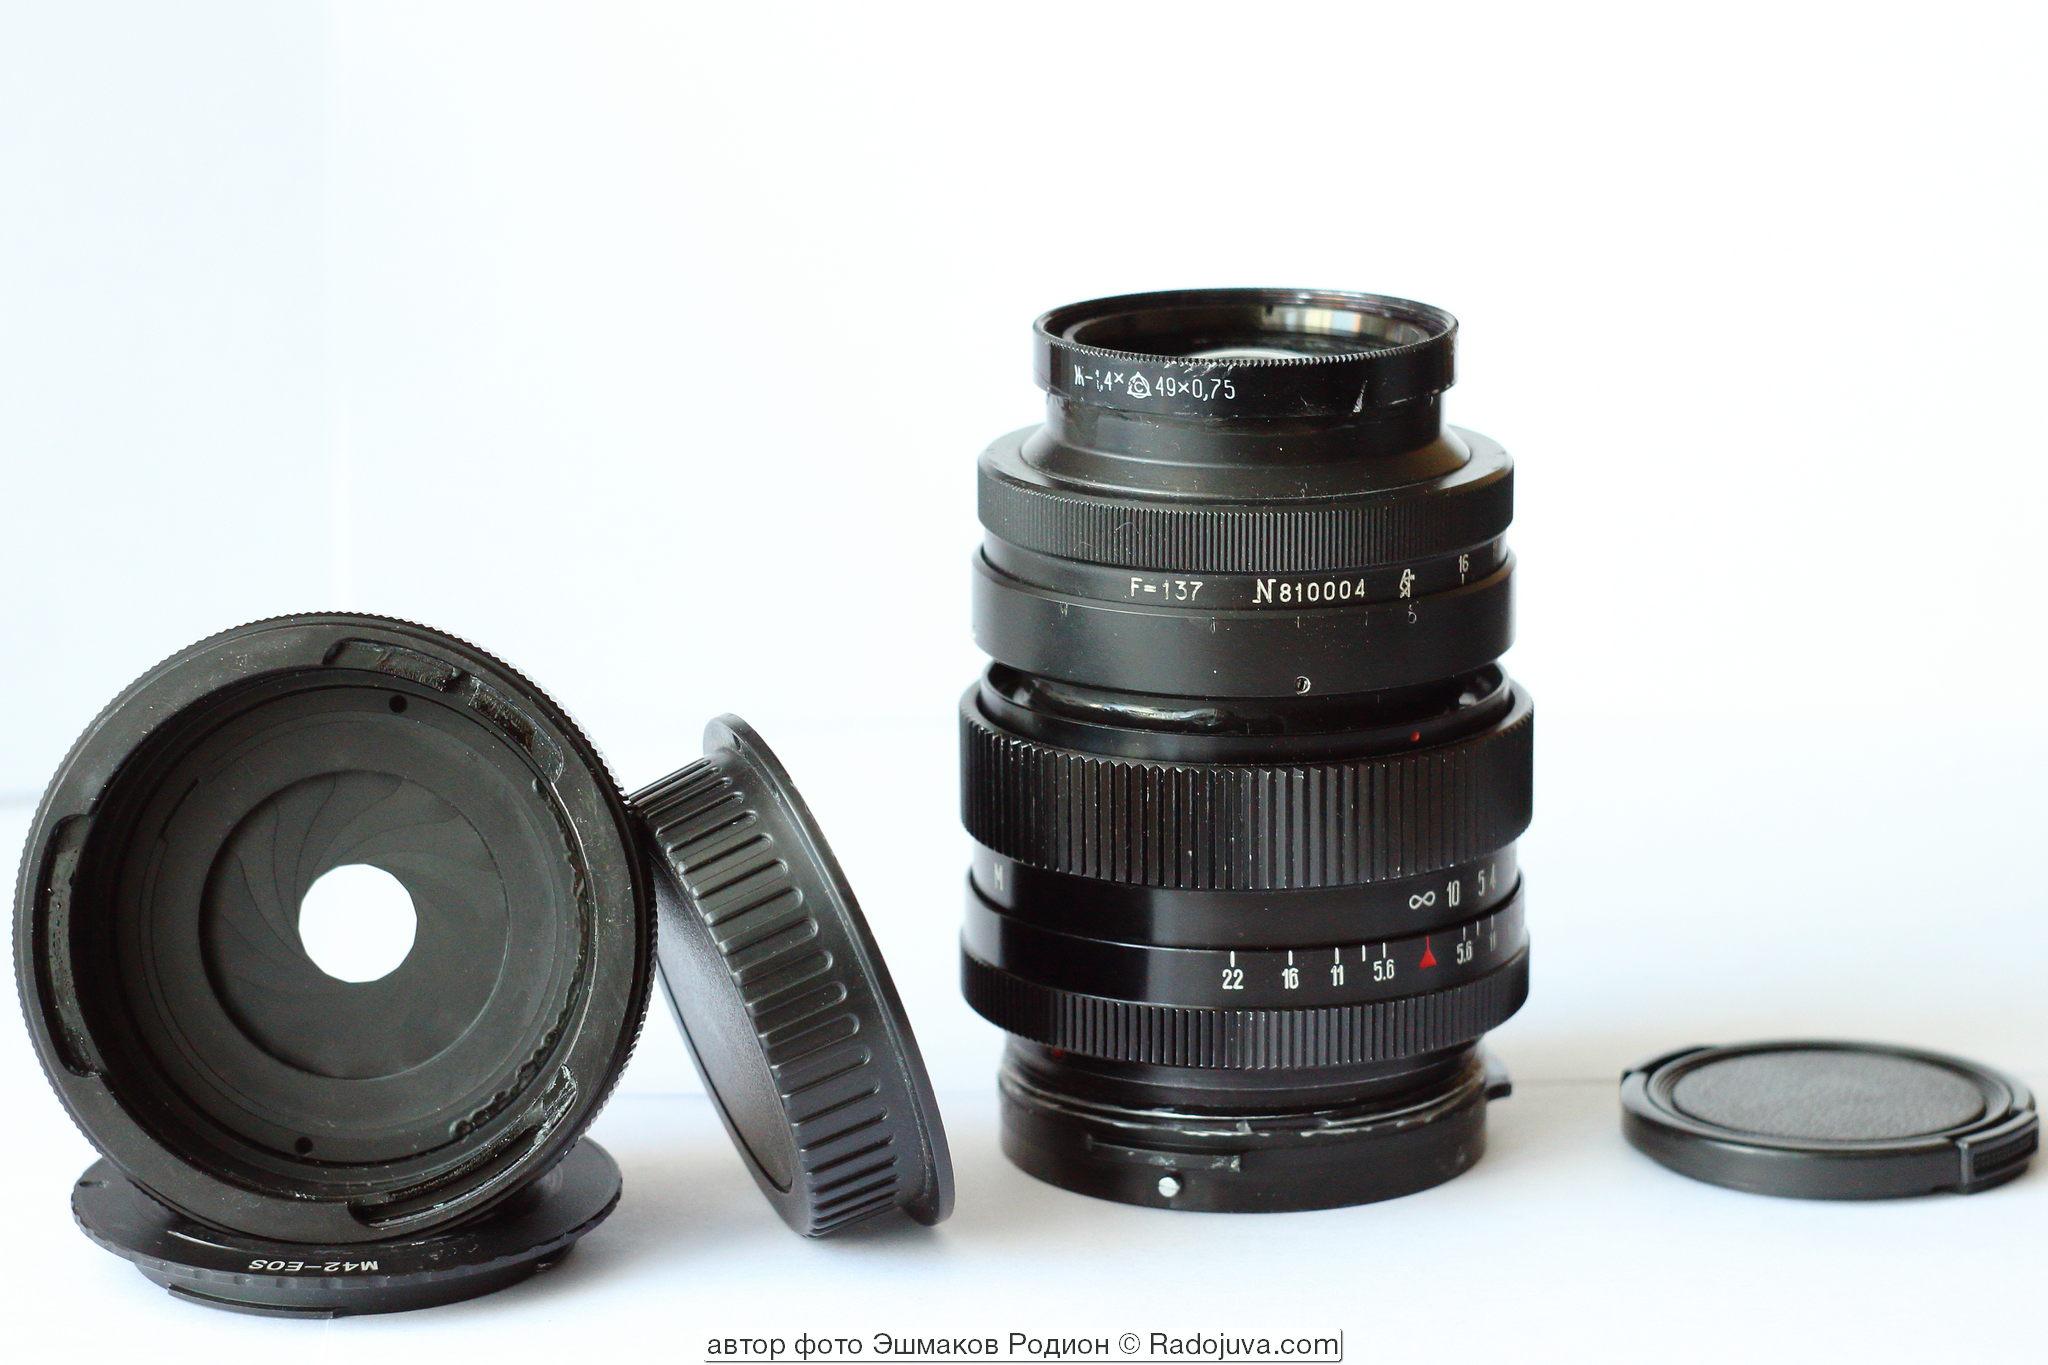 Адаптированный объектив и переходные кольца для установки на камеру Canon